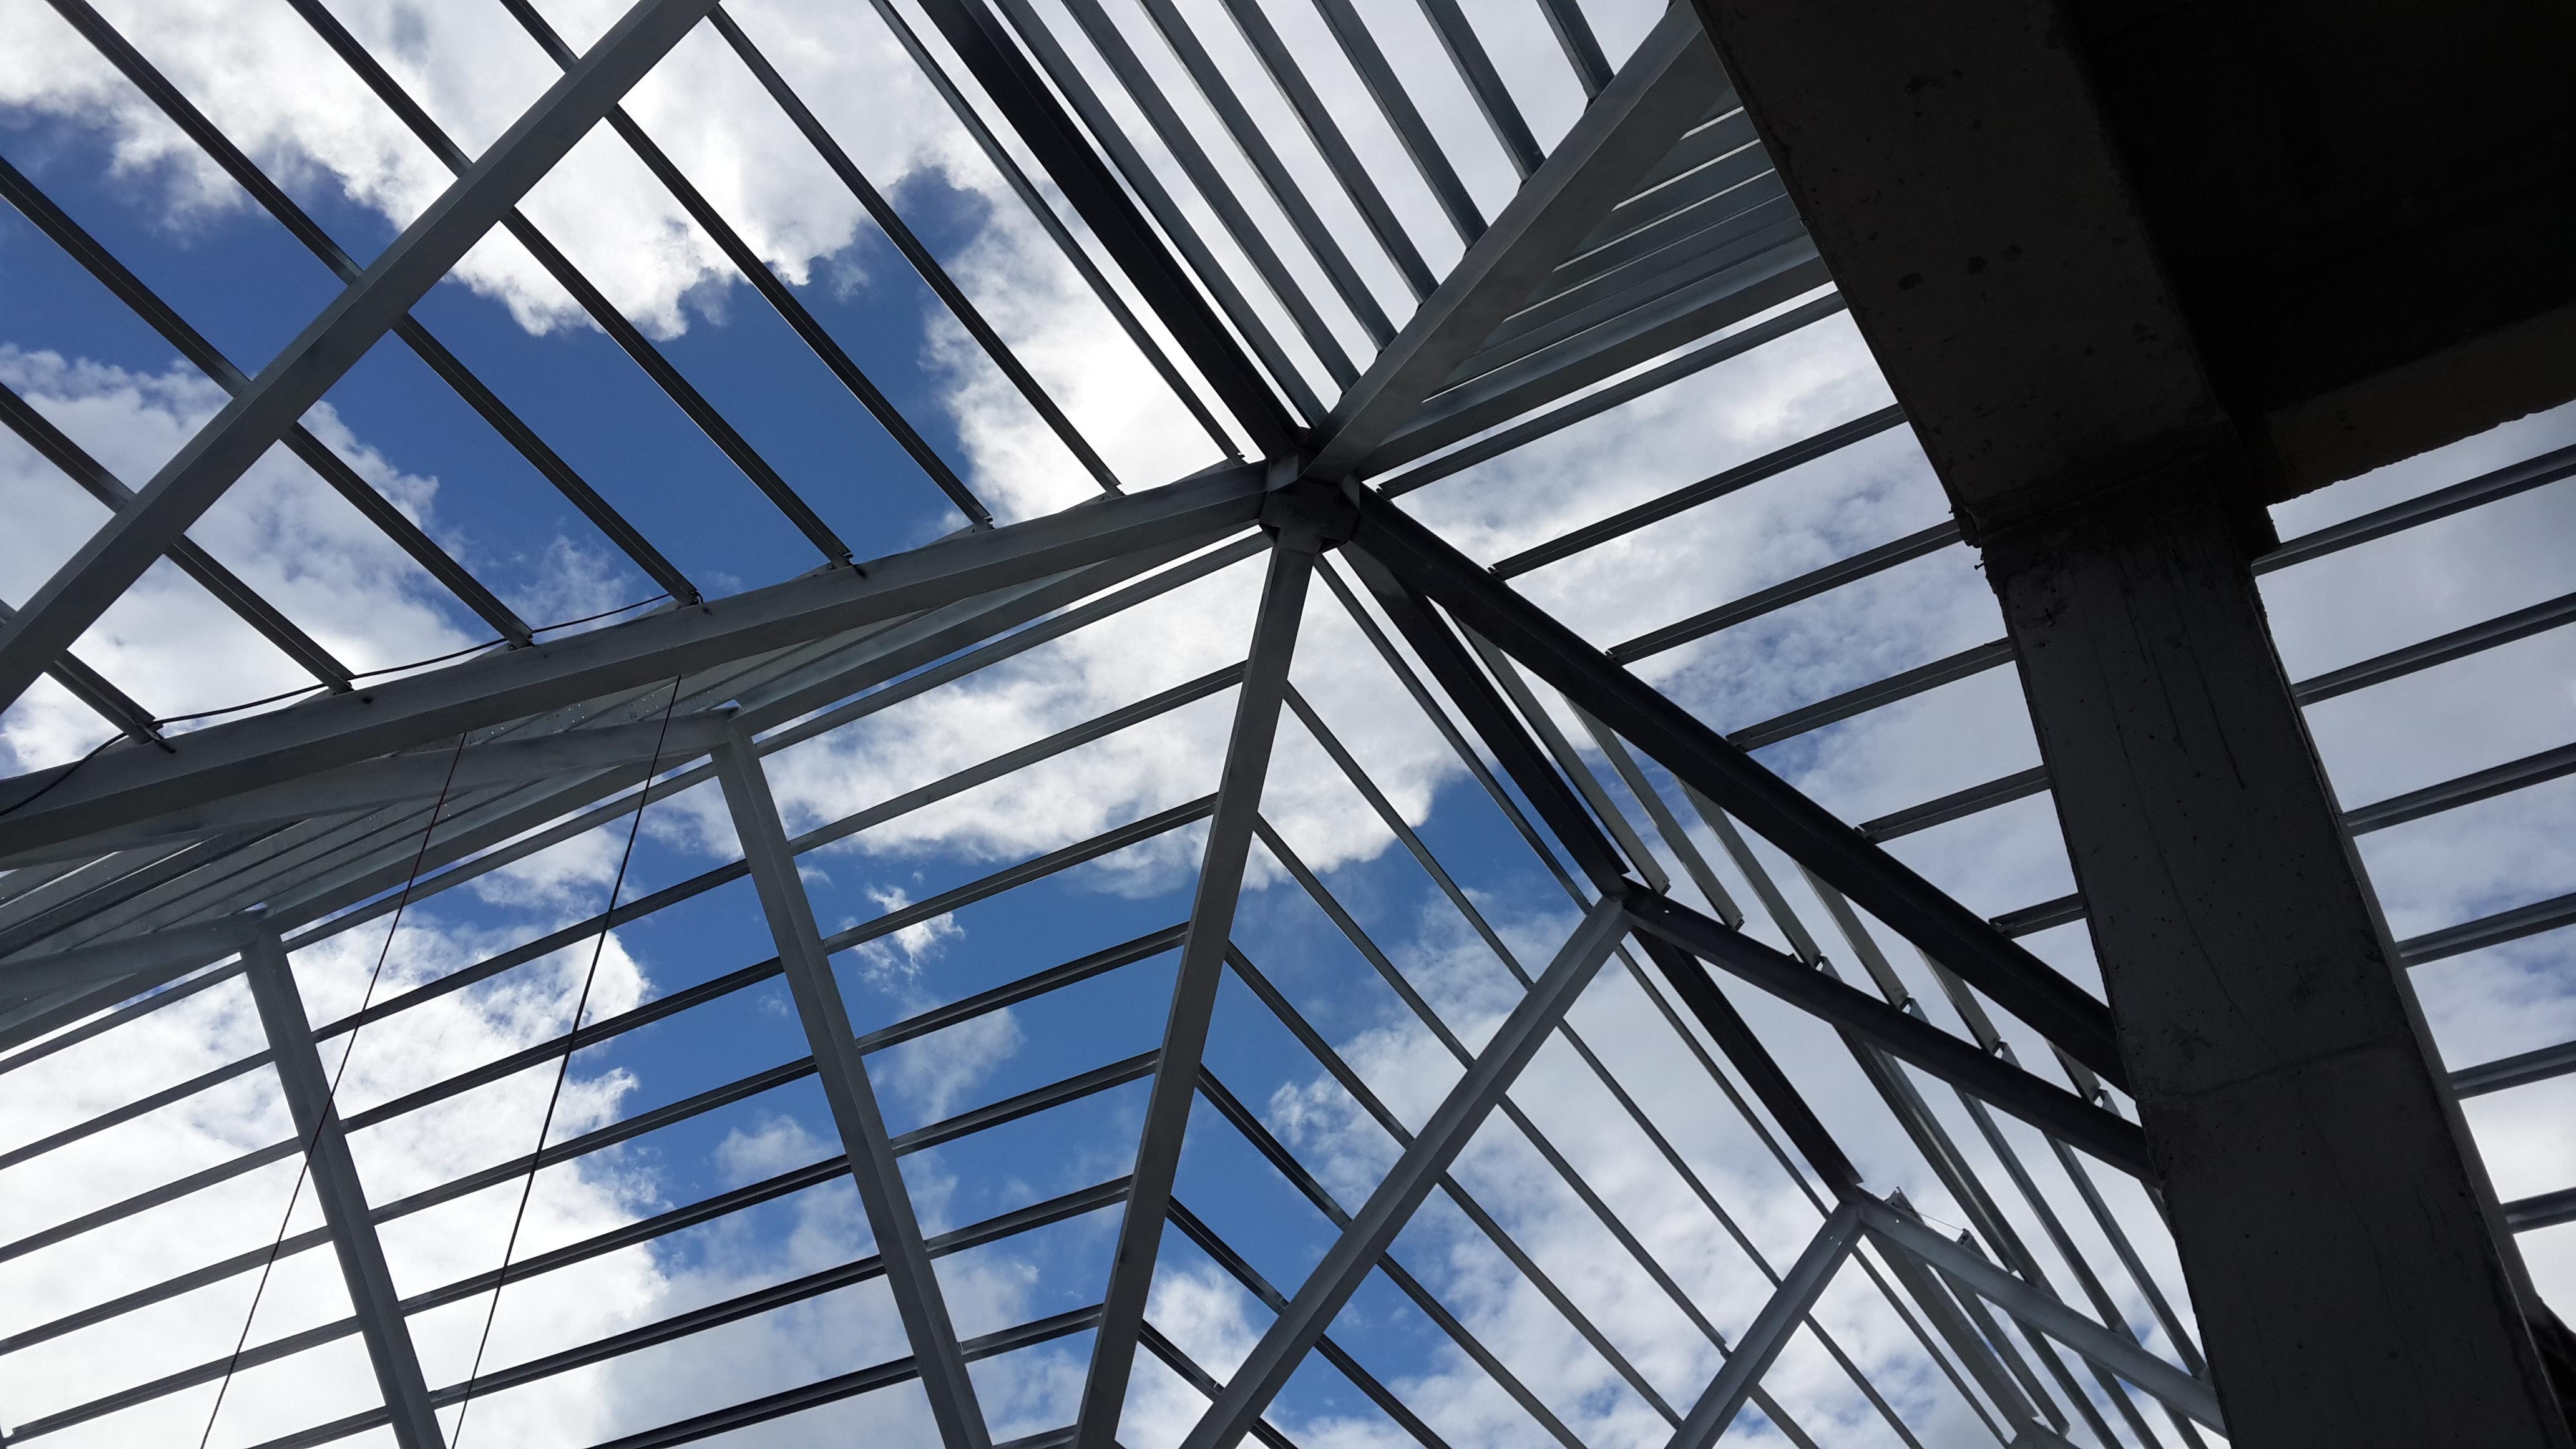 Instalacion de la estructura metalica del techo de Blue Mall Punta Cana con elementos estructurales vigas, tijerillas y correas Z